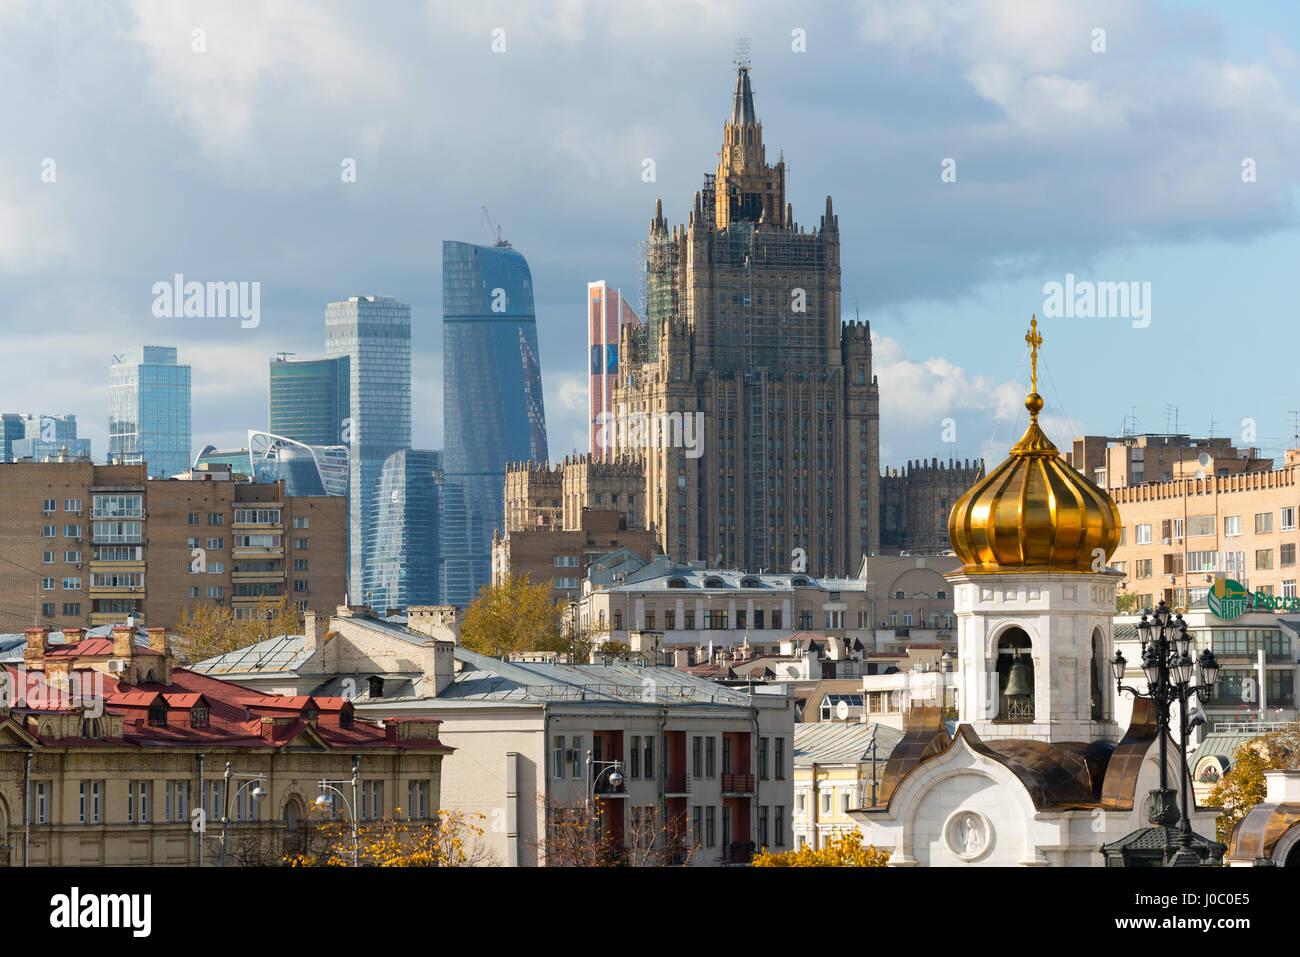 Vista de viejos y nuevos rascacielos, Moscú, Rusia Imagen De Stock